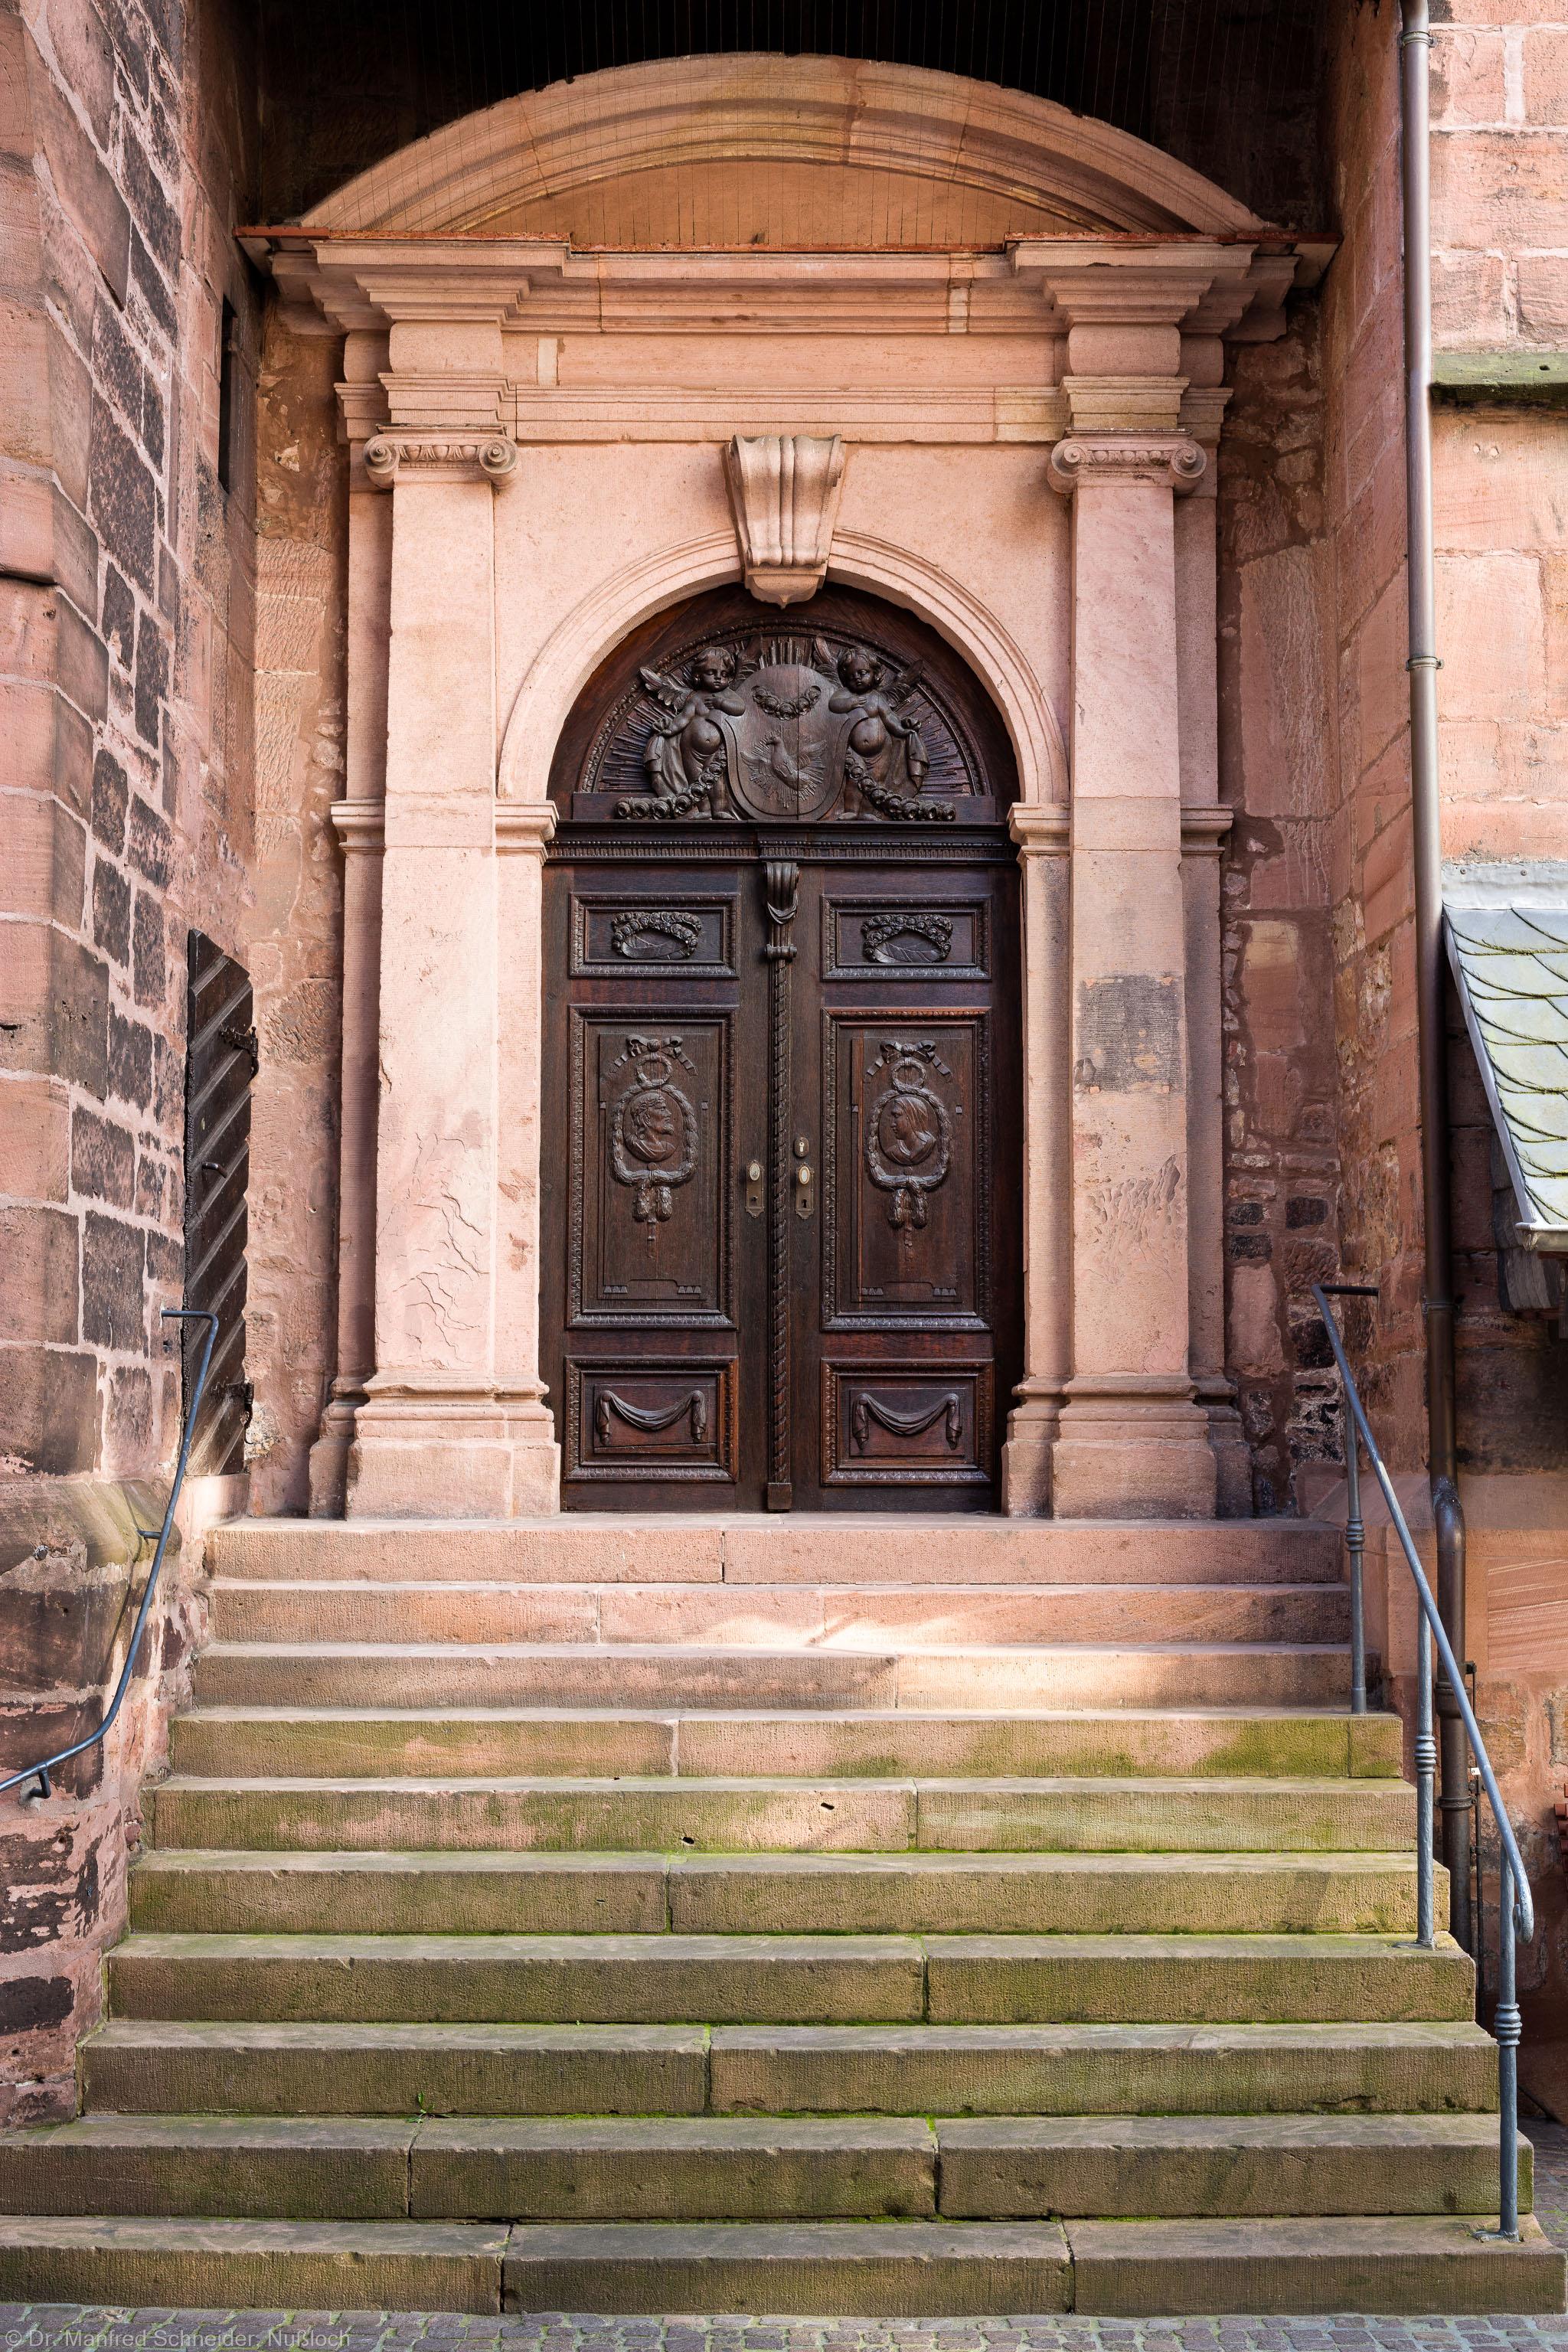 Heidelberg - Heiliggeistkirche - Nordseite - Östliches Nordportal - Blick auf das gesamte Portal mit der Treppe (aufgenommen im Oktober 2015, am späten Nachmittag)